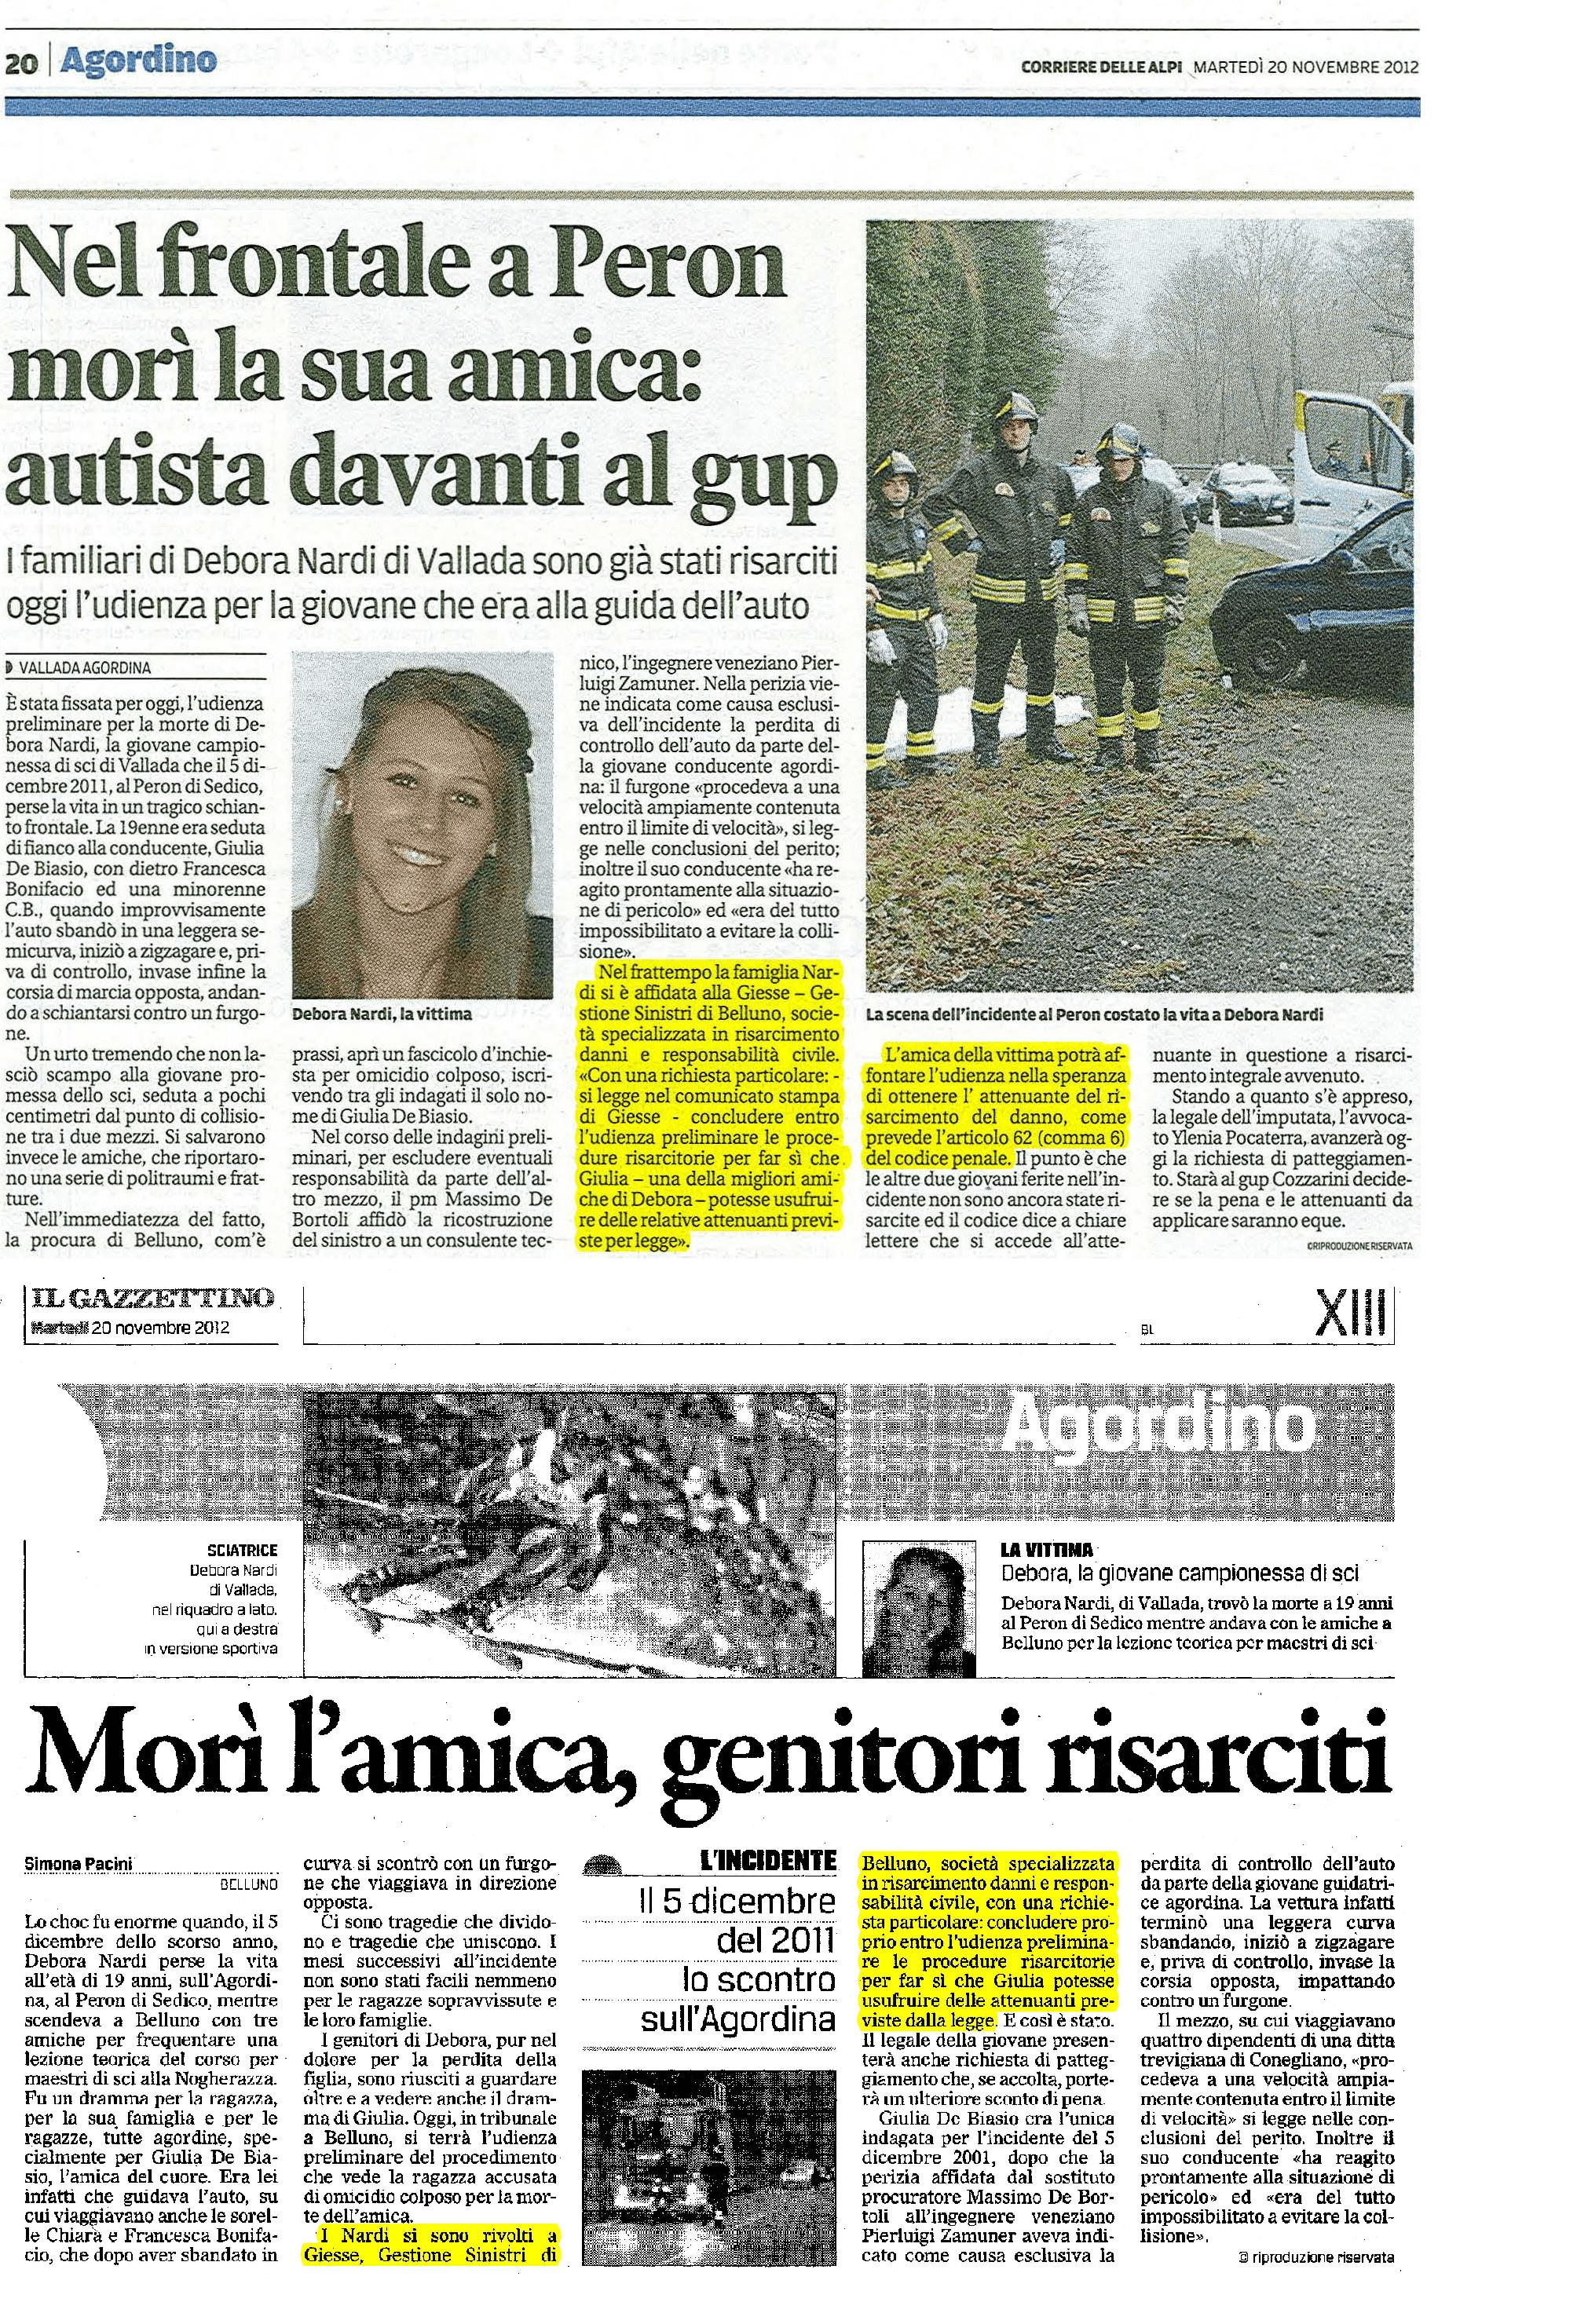 Articoli-Corriere-delle-Alpi e-Gazzettino-Debora-Nardi